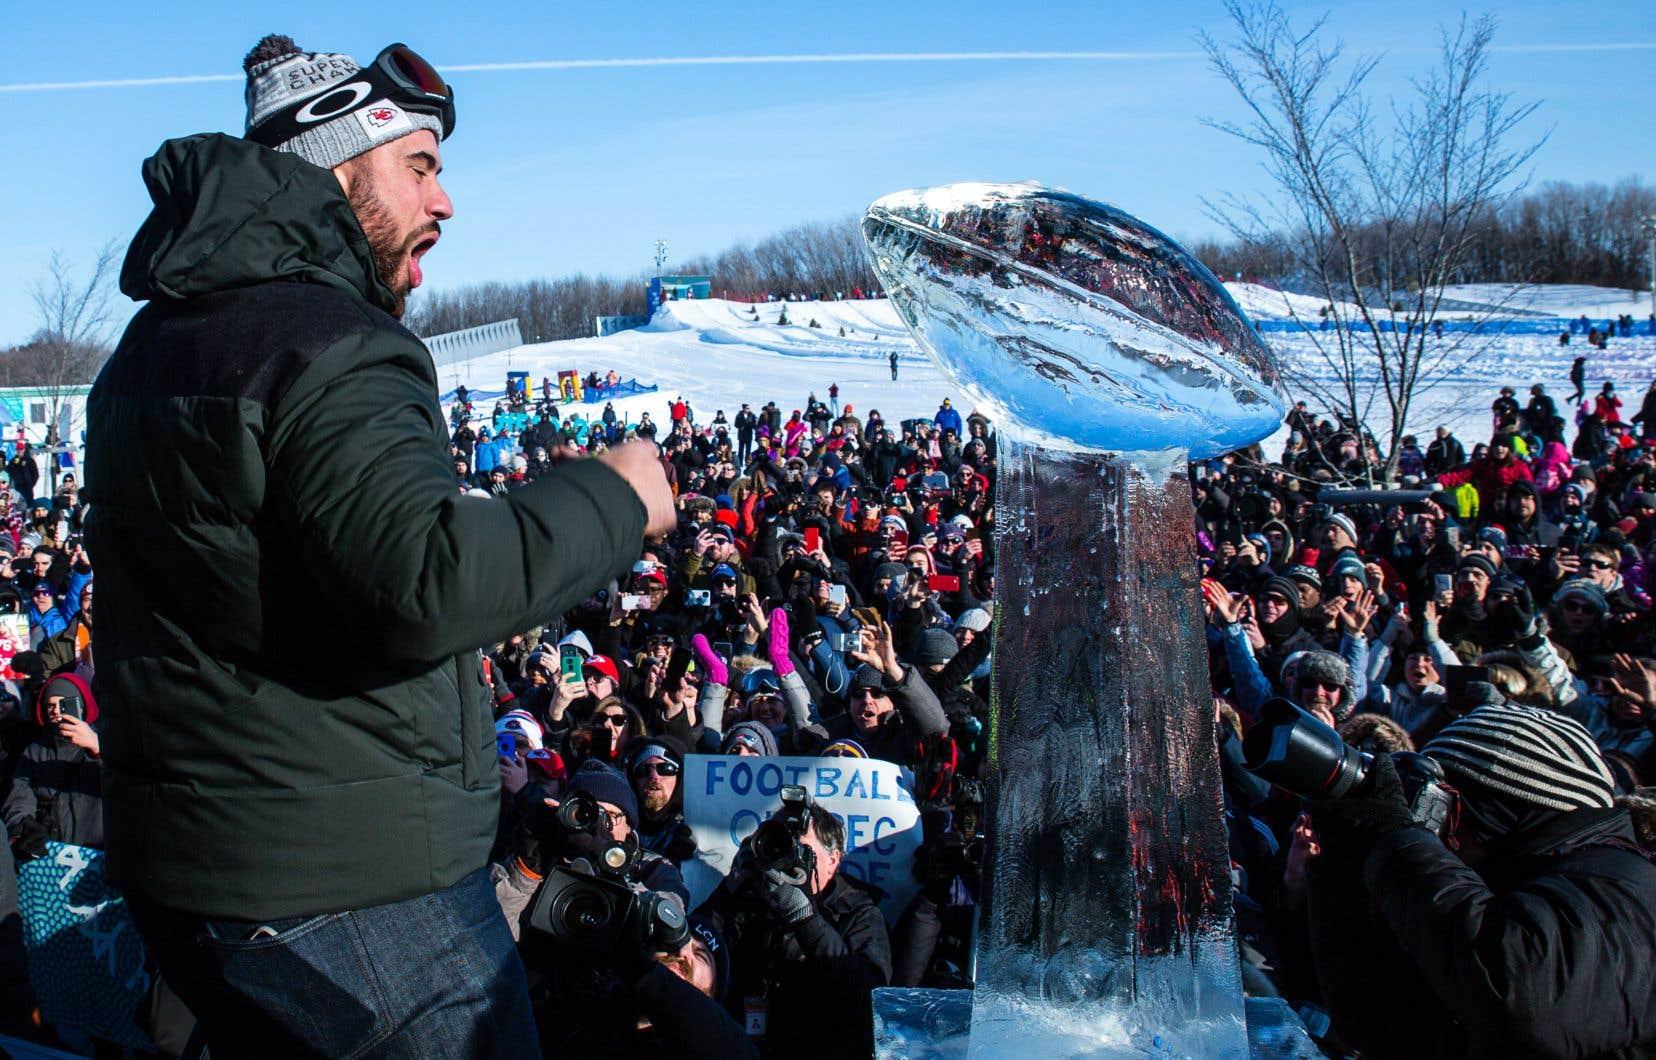 Lors de l'évènement,l'animateur des festivités a remis à Laurent Duvernay-Tardif une réplique du trophée Vince-Lombardi faite de glace.